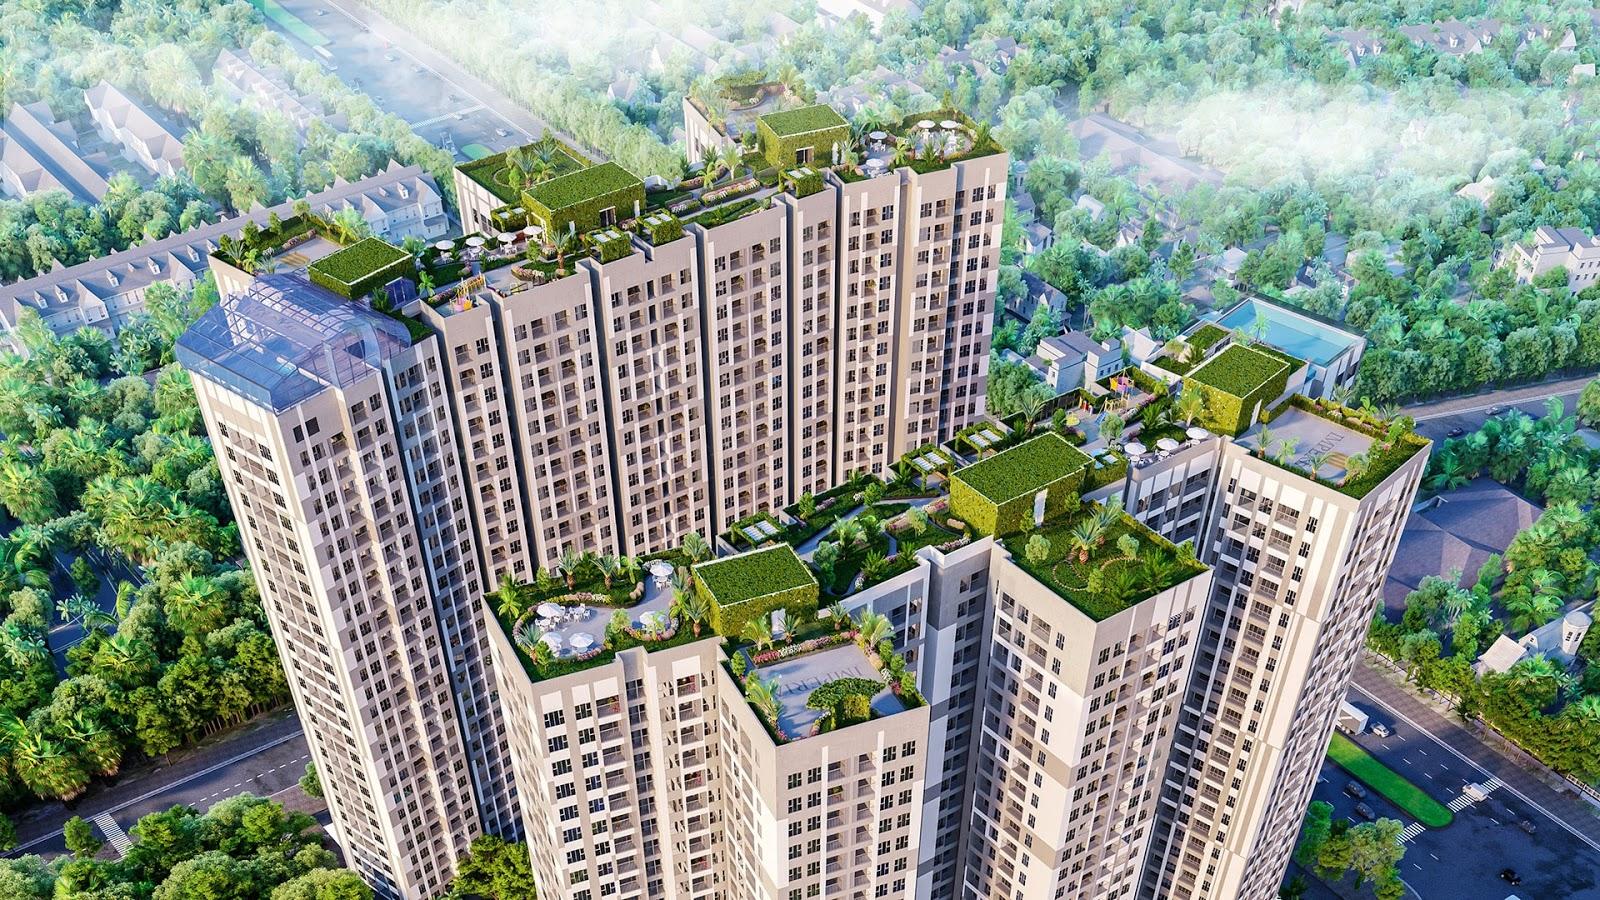 Ảnh đẹp về dự án chung cư Imperia Sky Garden từ trên cao